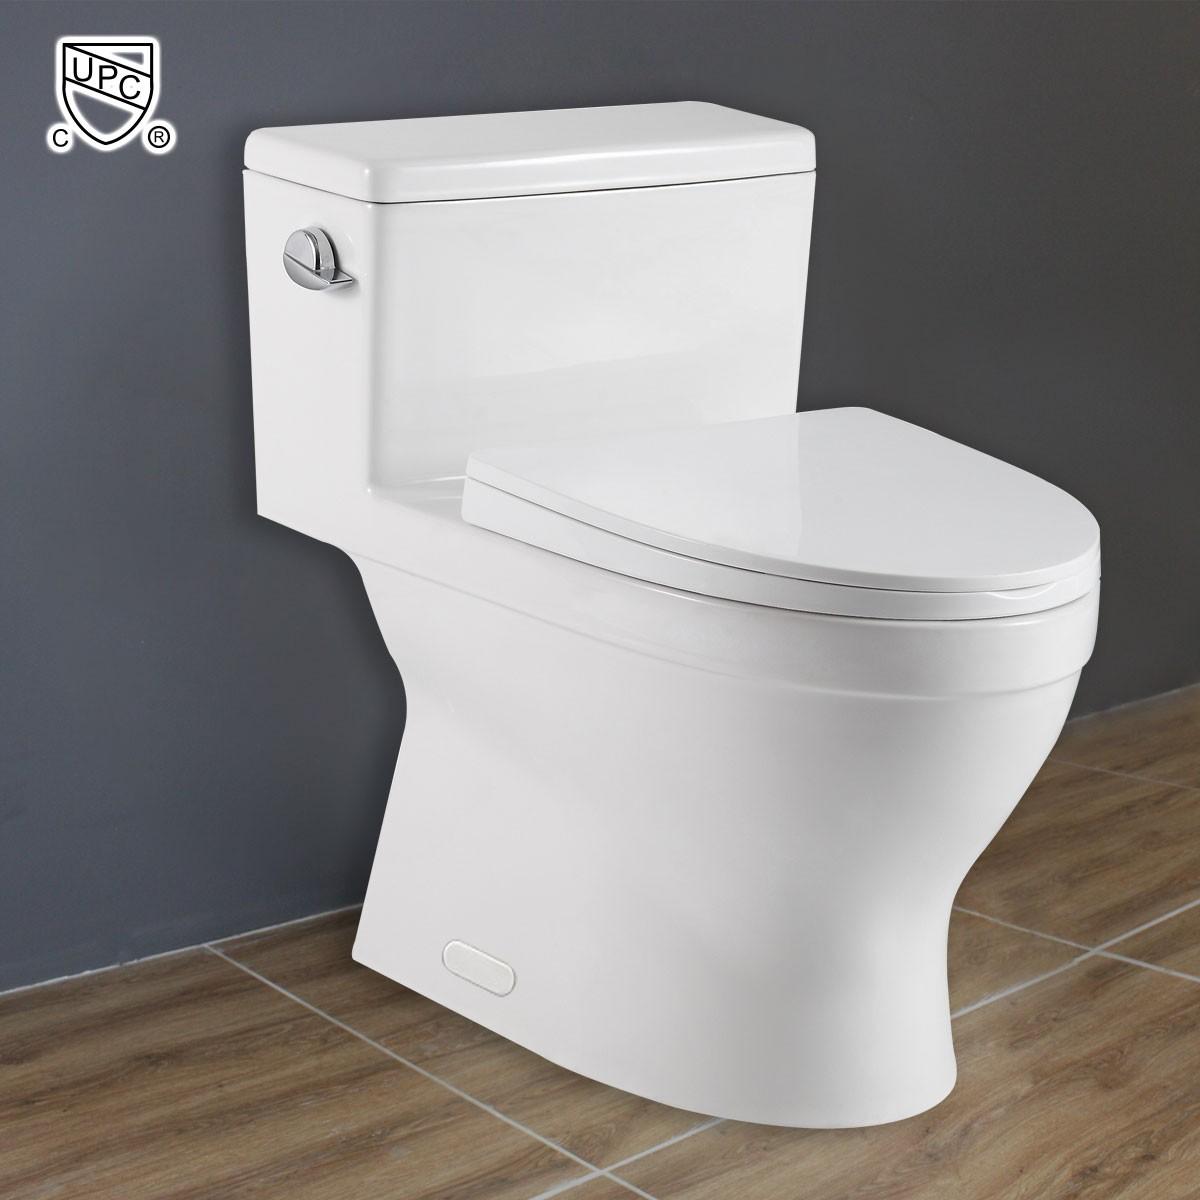 Cupc toilette monopi ce conomique d 39 eau en c ramique simple chasse dk - Chasse d eau economique ...